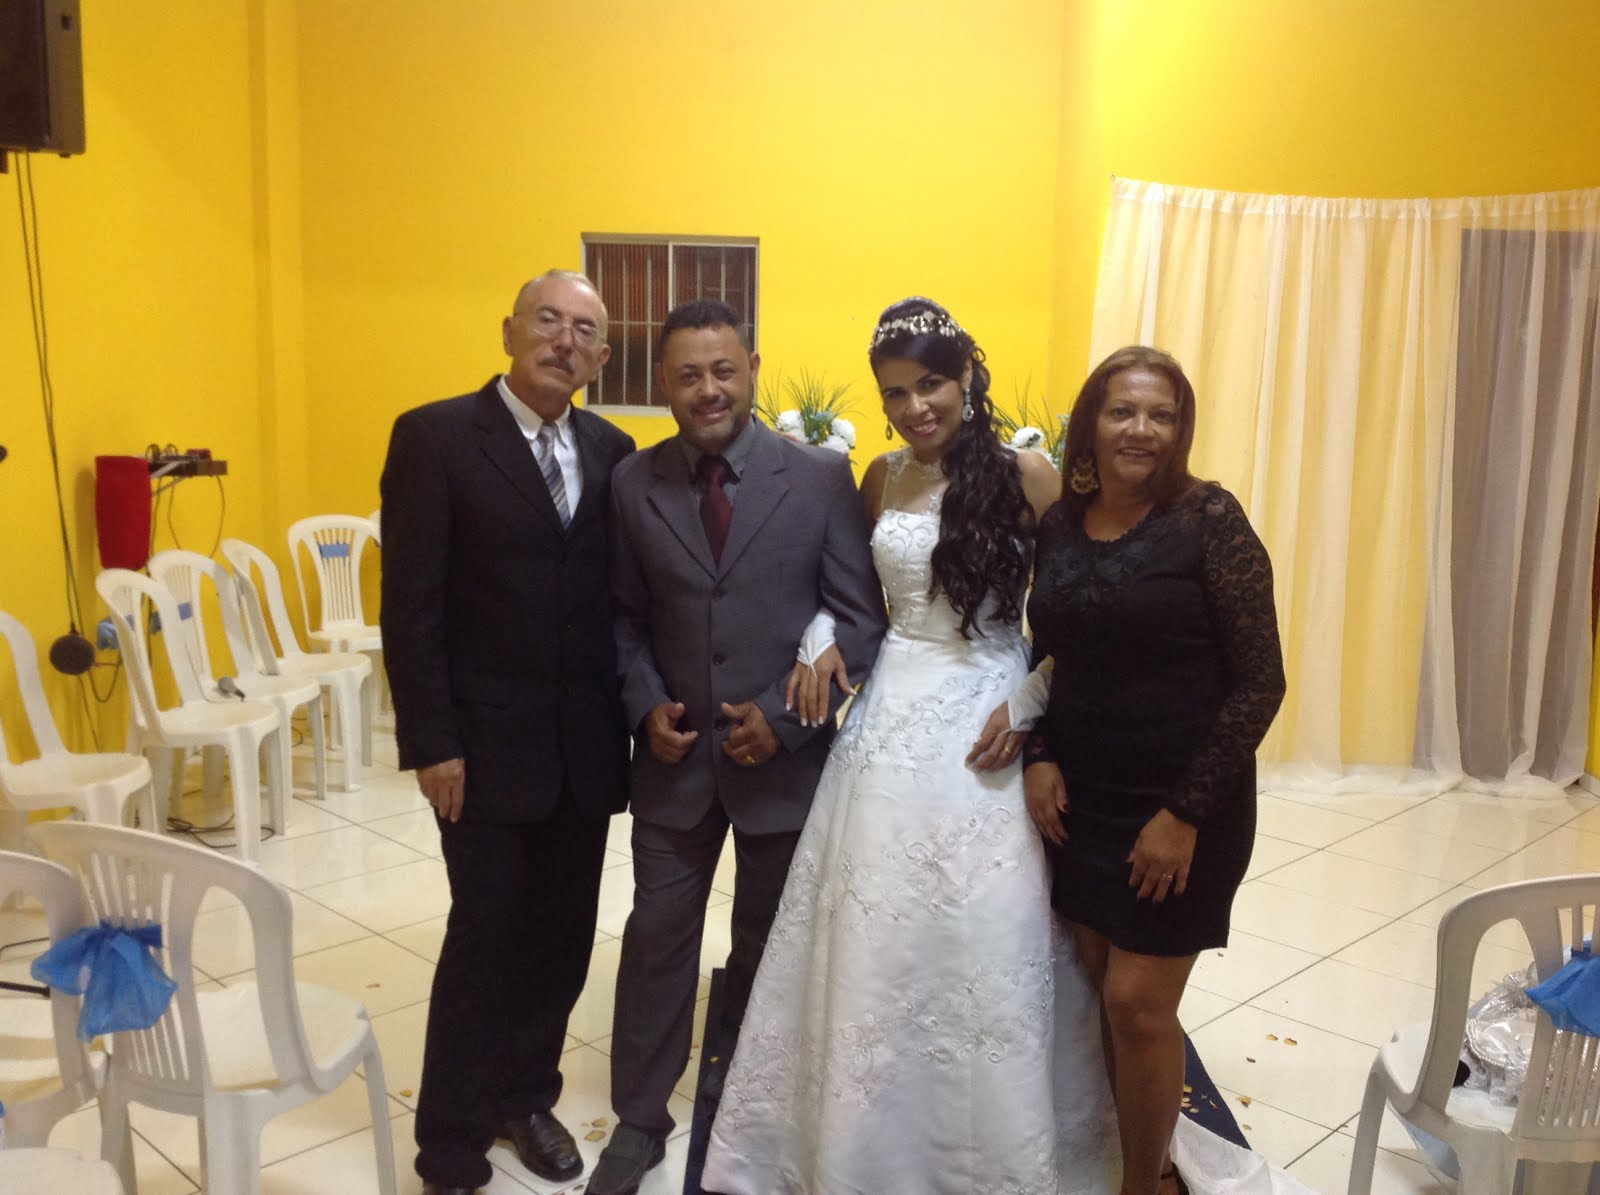 Alexandre e Adriana em Cerimonia de Casamento